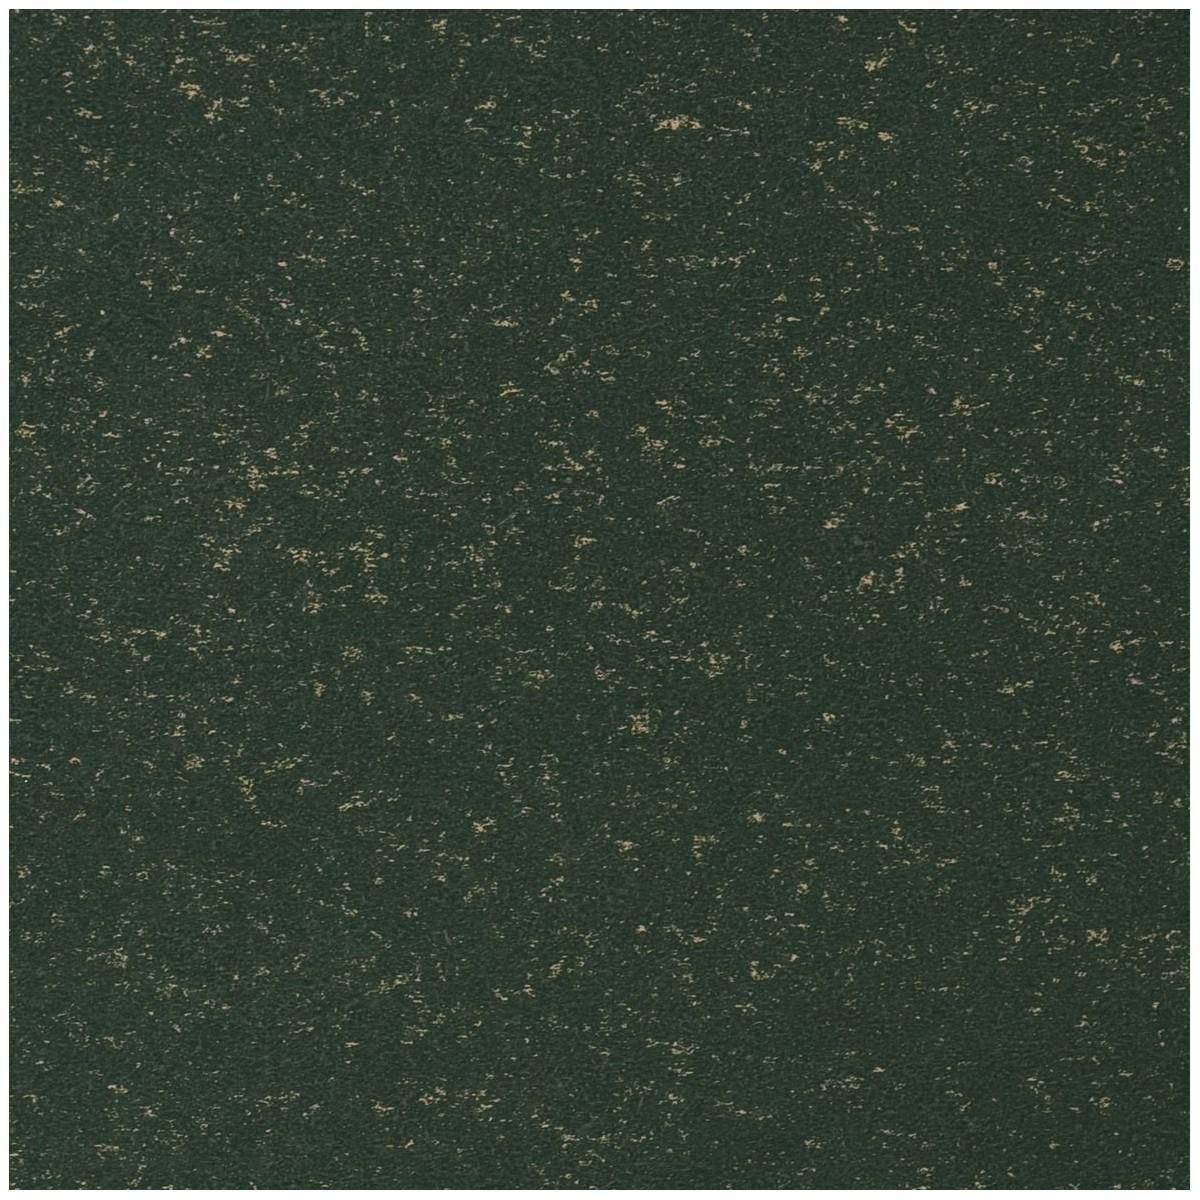 Carta Paglia ECHOCHIC Gr.85 Fogli Cm.70x100 Colori Tinta Unita Verde Scuro